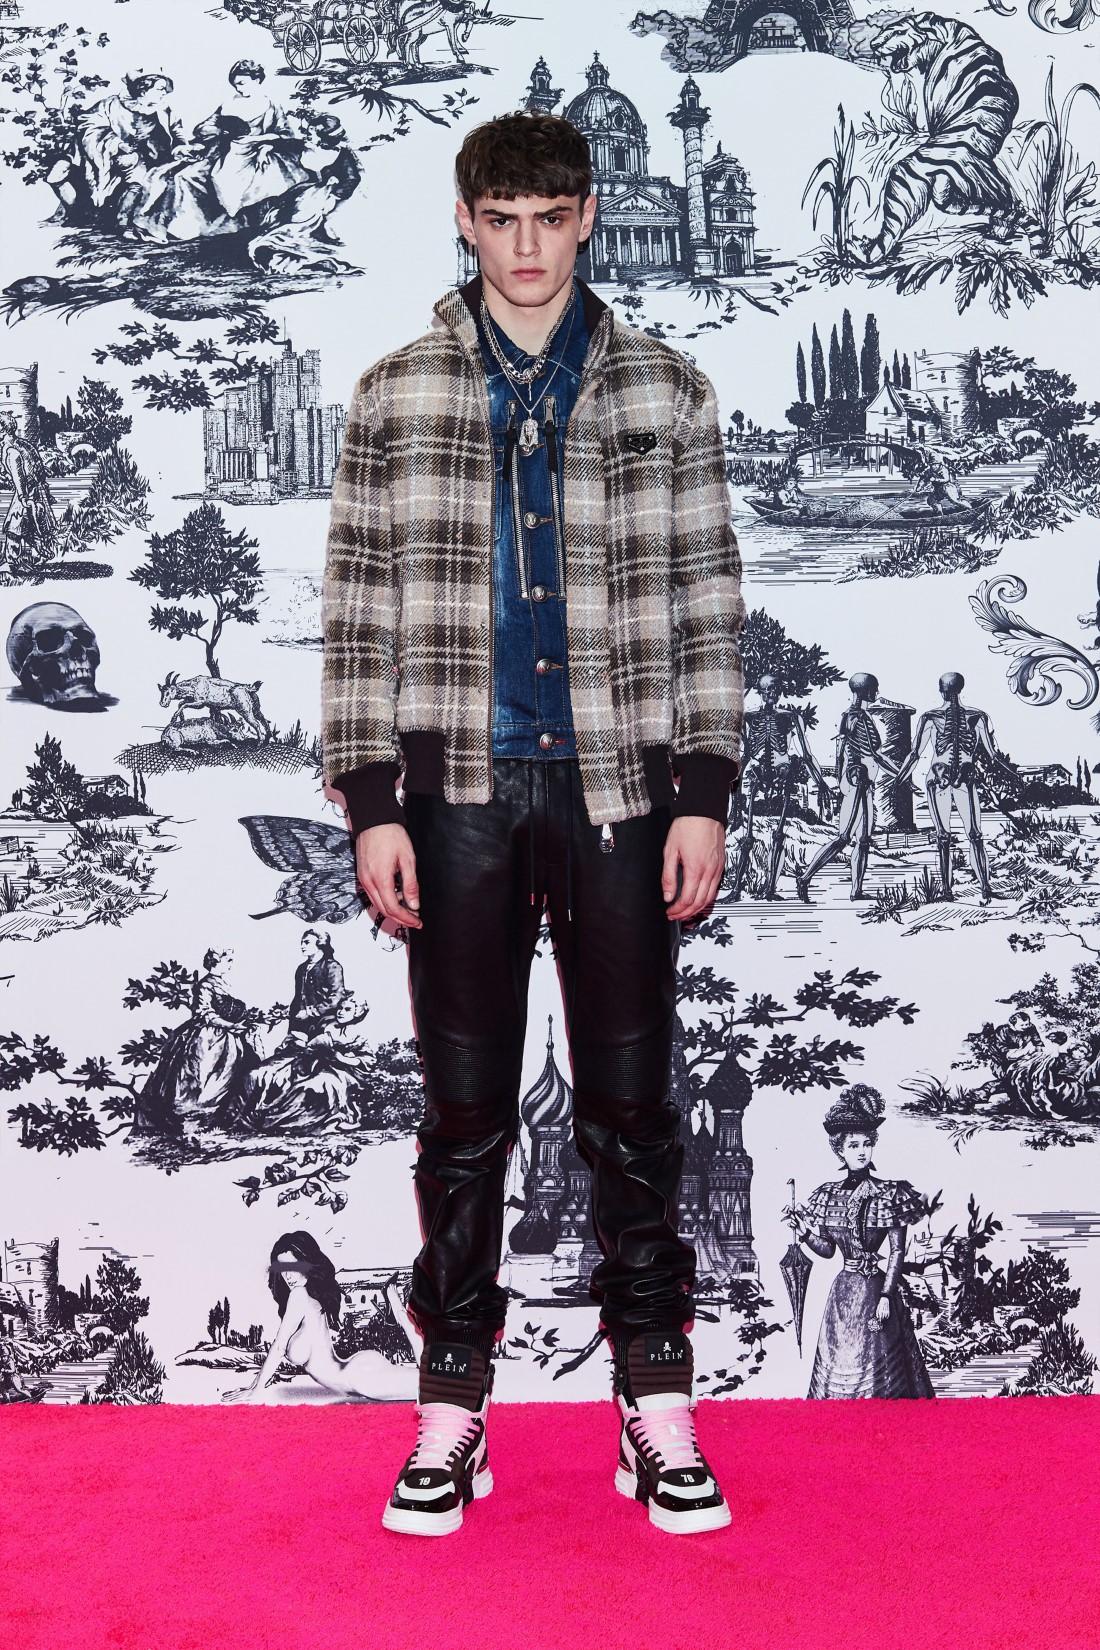 Philipp Plein Automne Hiver 2021 2022 Milan Fashion Week 15